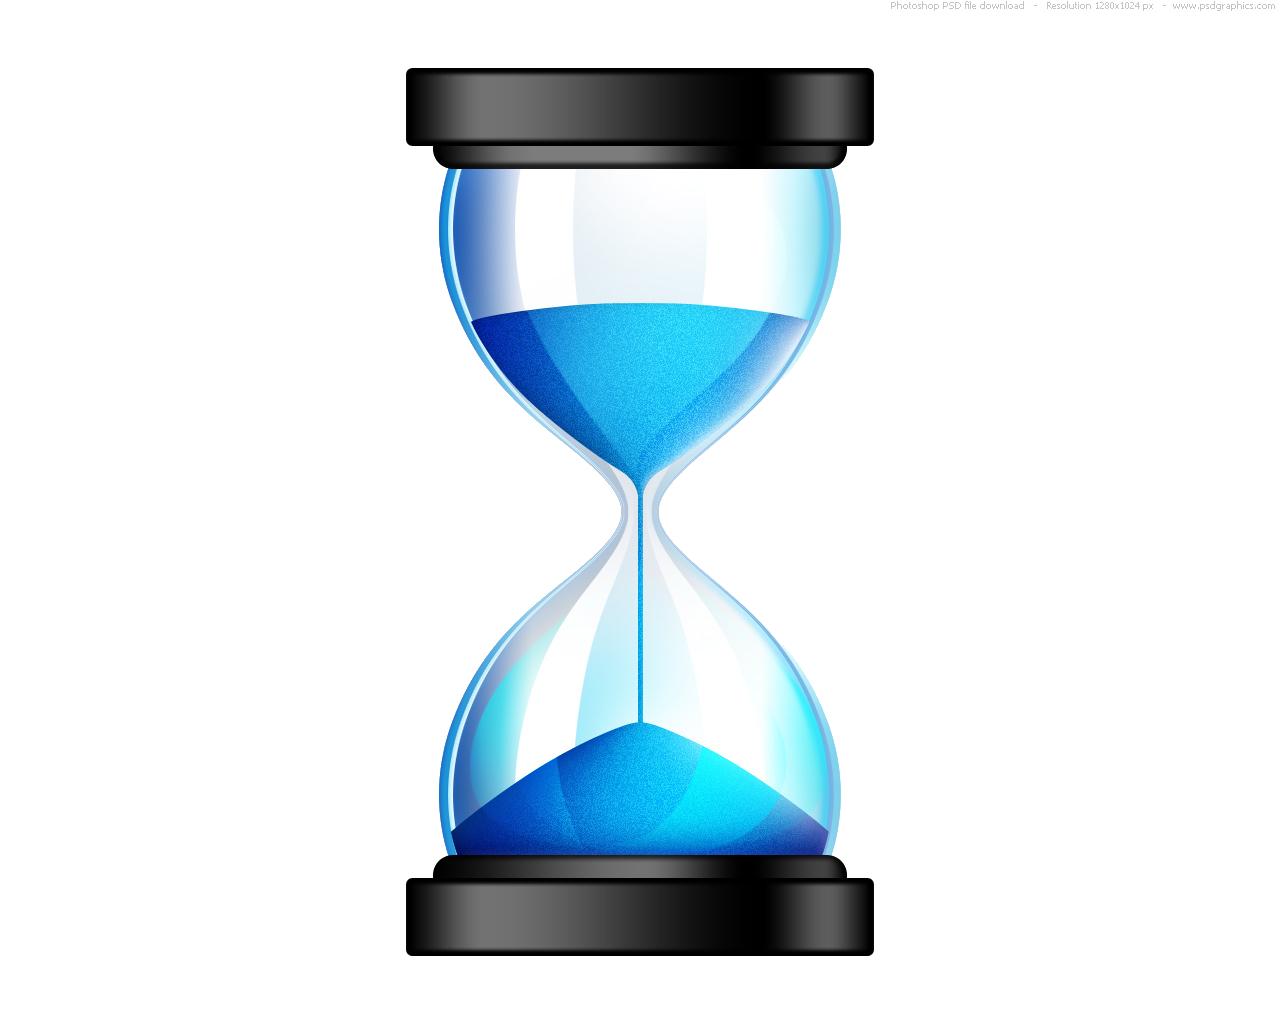 hourglass-icon-40f71eb35f179024aee83eb973da8e72